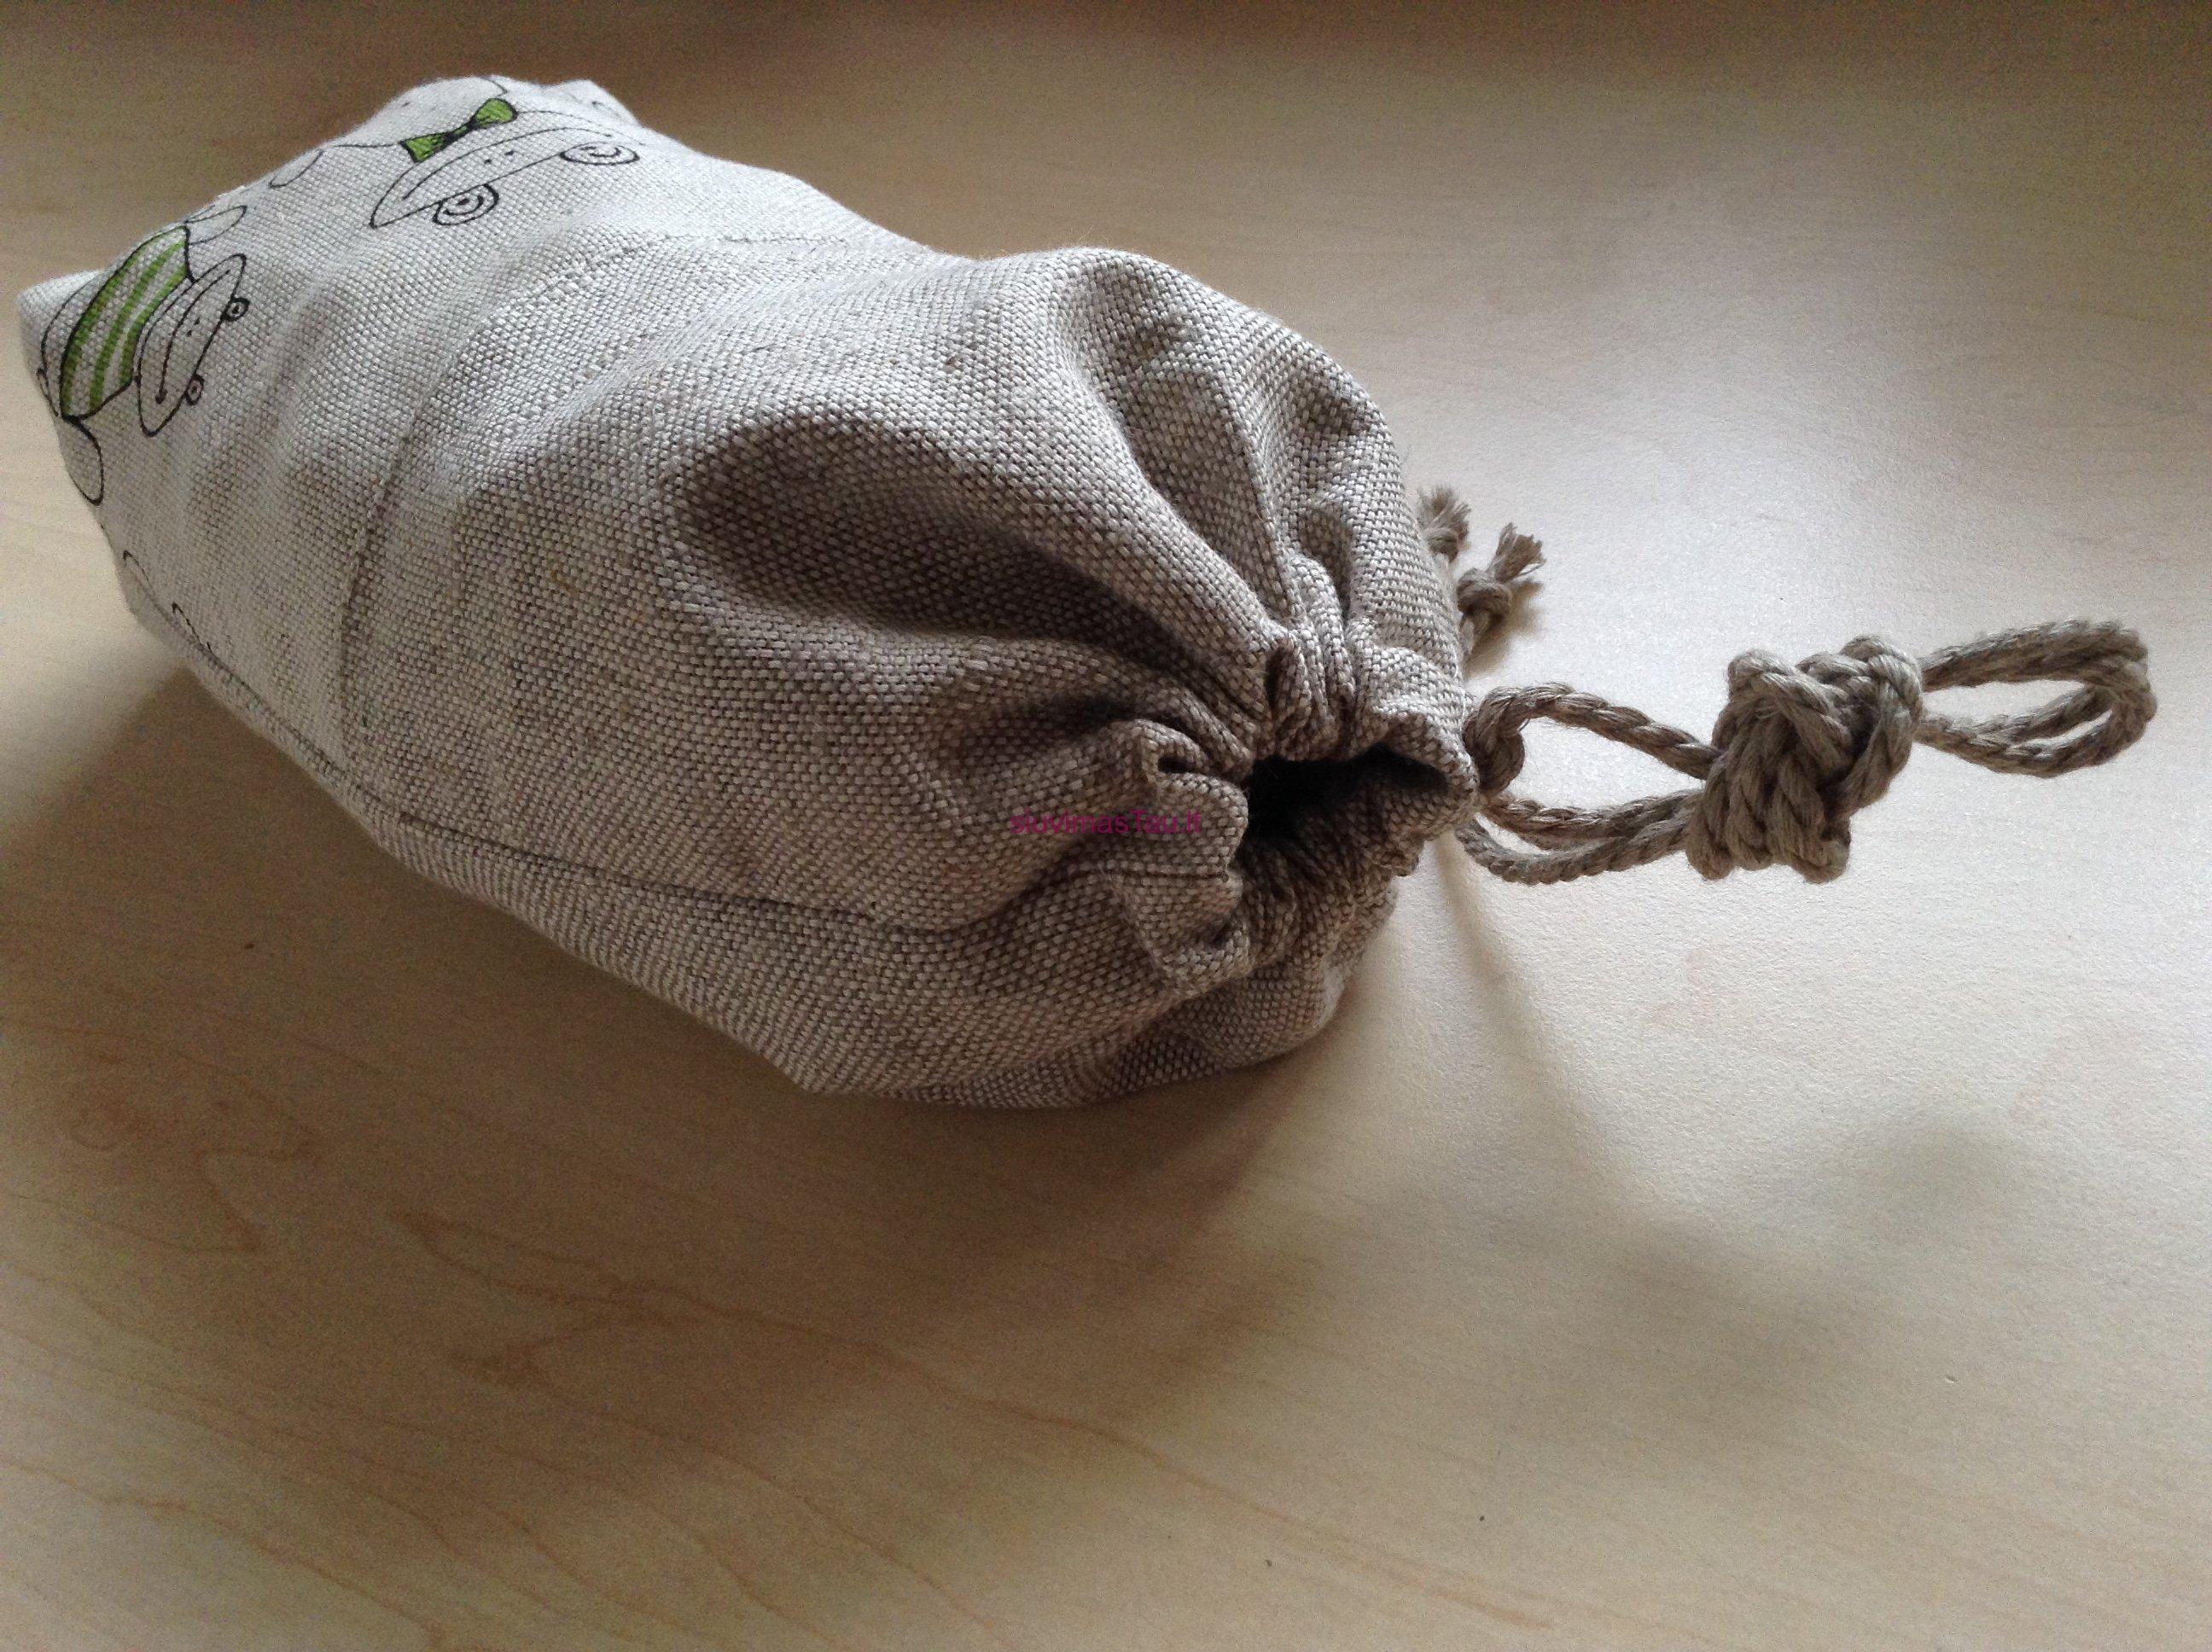 riesutu maiselis (7)